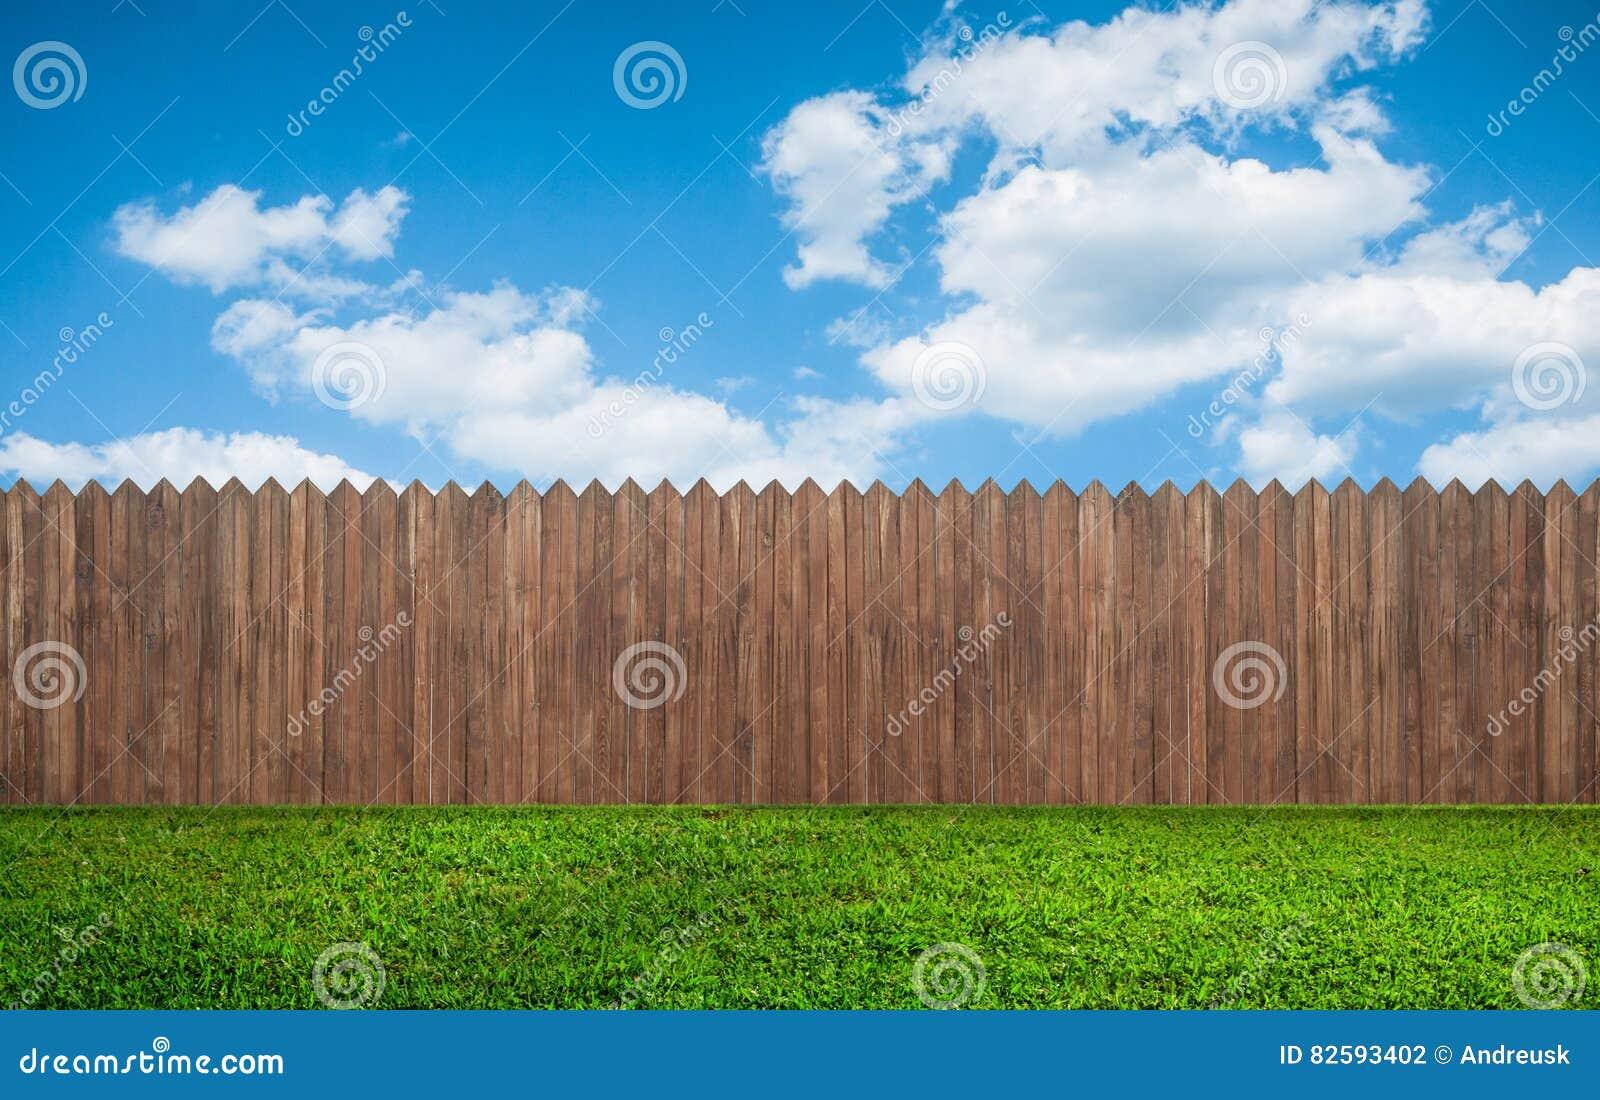 Cerca de madeira do jardim